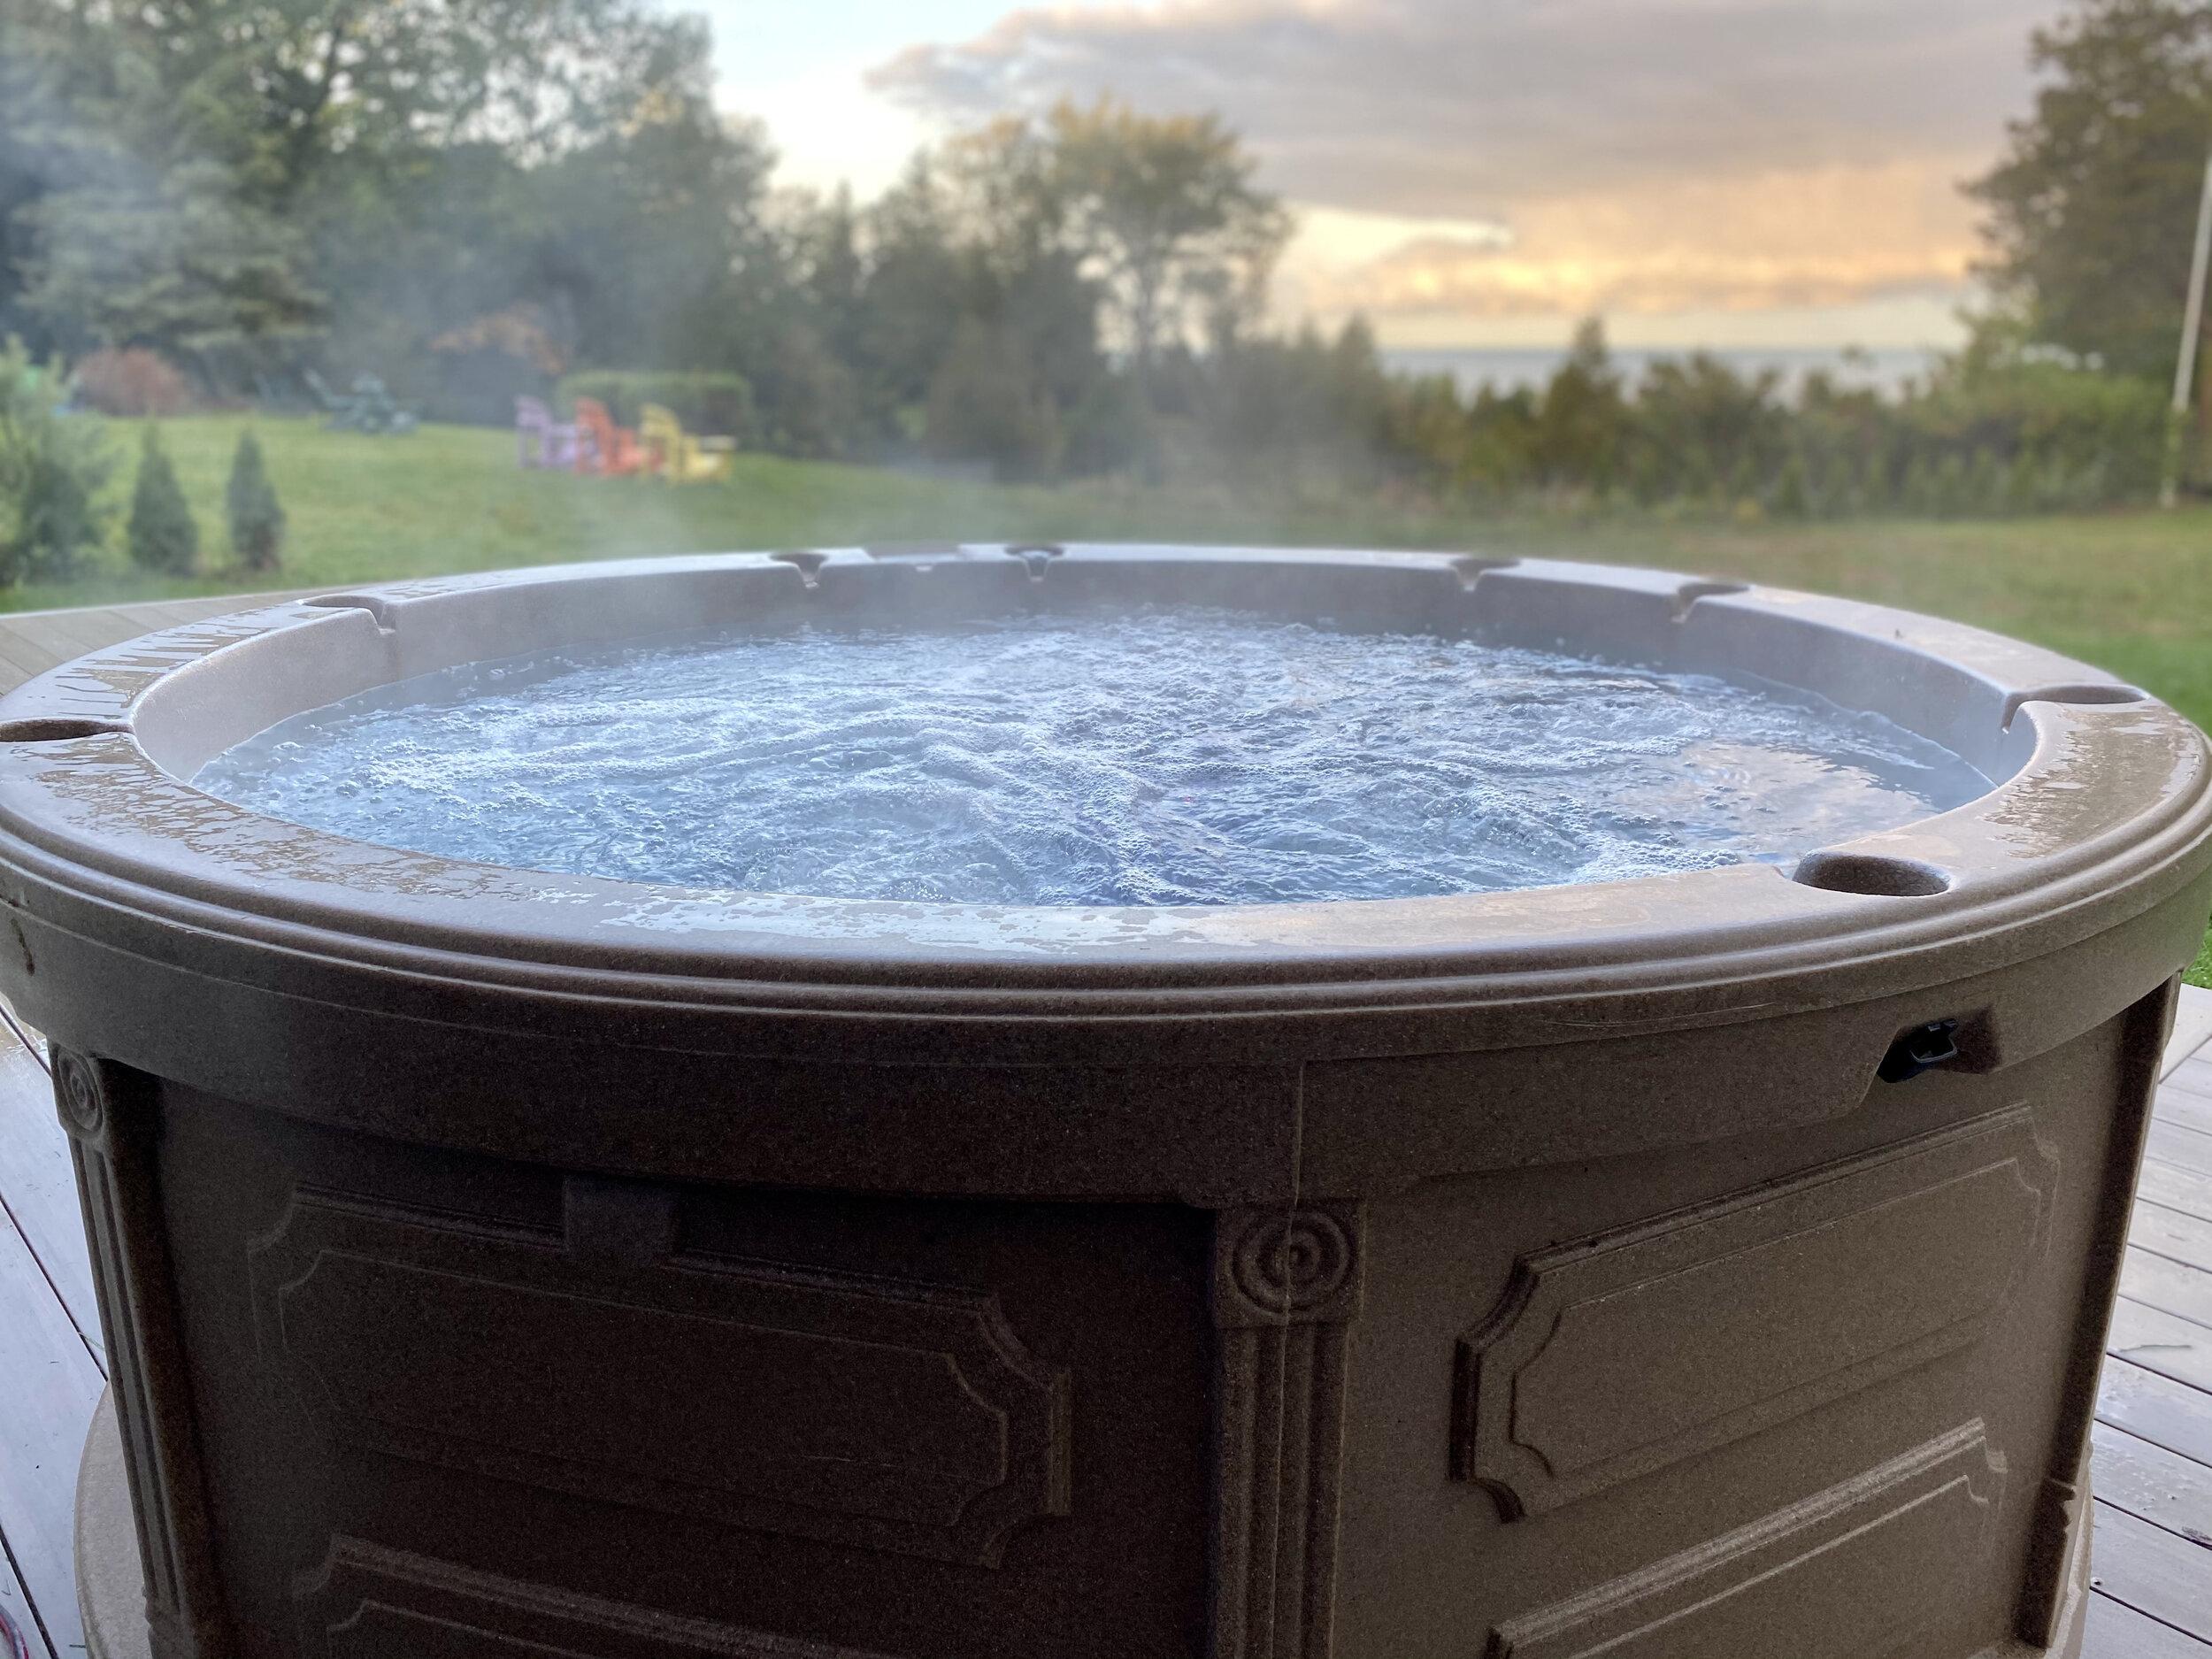 Travellin Tubs Hot Tub Rentals